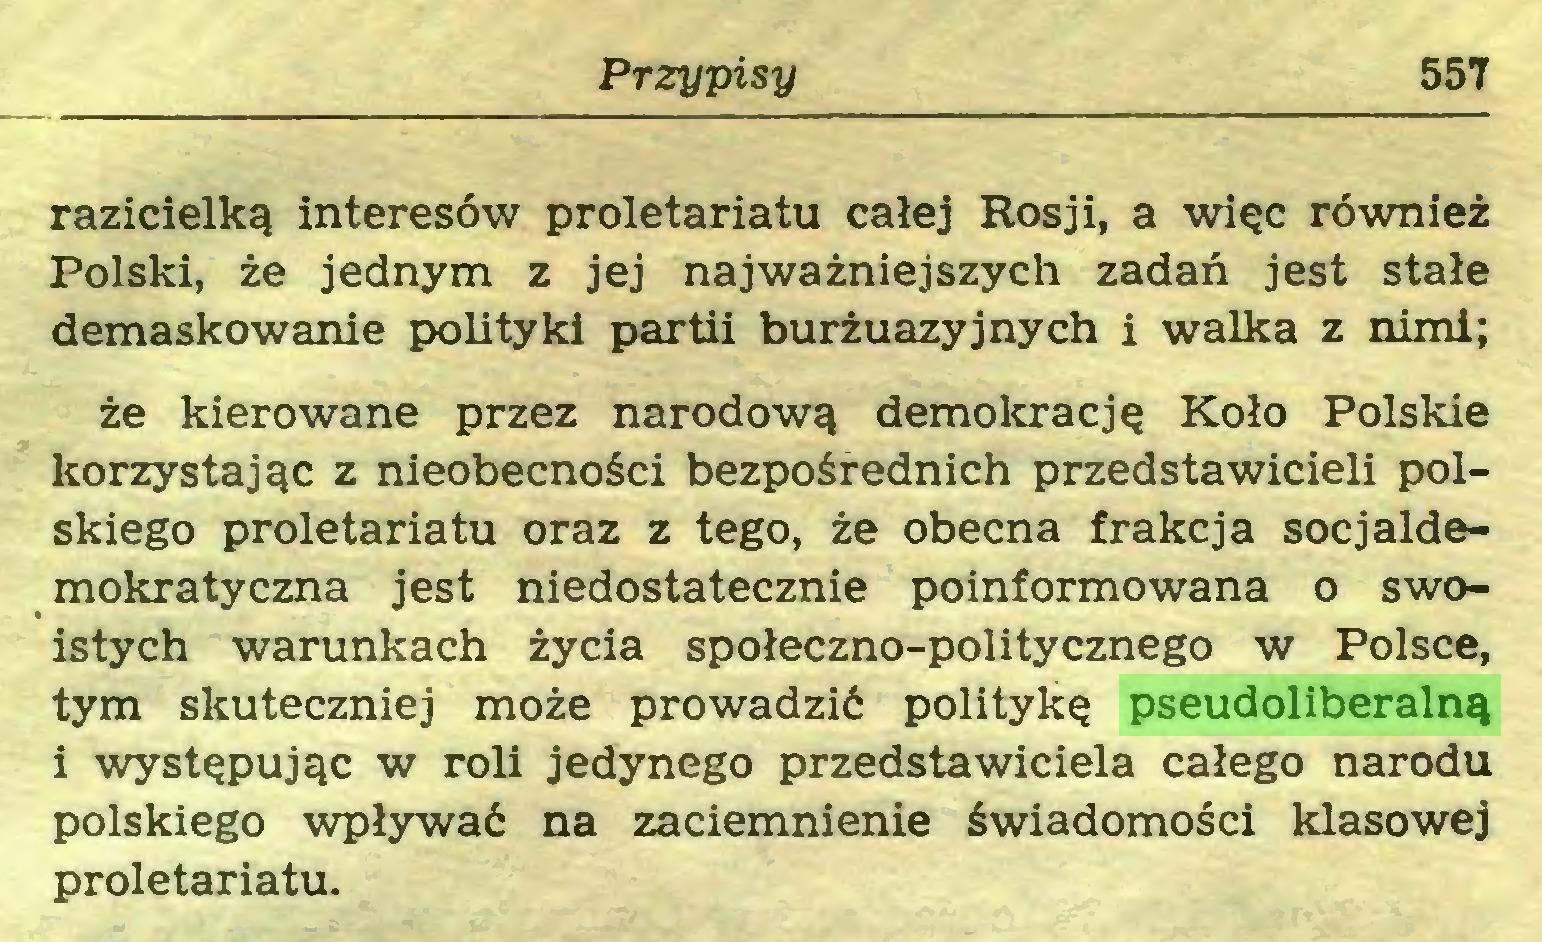 (...) Przypisy 557 razicielką interesów proletariatu całej Rosji, a więc również Polski, że jednym z jej najważniejszych zadań jest stałe demaskowanie polityki partii burżuazyjnych i walka z nimi; że kierowane przez narodową demokrację Koło Polskie korzystając z nieobecności bezpośrednich przedstawicieli polskiego proletariatu oraz z tego, że obecna frakcja socjaldemokratyczna jest niedostatecznie poinformowana o swoistych warunkach życia społeczno-politycznego w Polsce, tym skuteczniej może prowadzić politykę pseudoliberalną i występując w roli jedynego przedstawiciela całego narodu polskiego wpływać na zaciemnienie świadomości klasowej proletariatu...